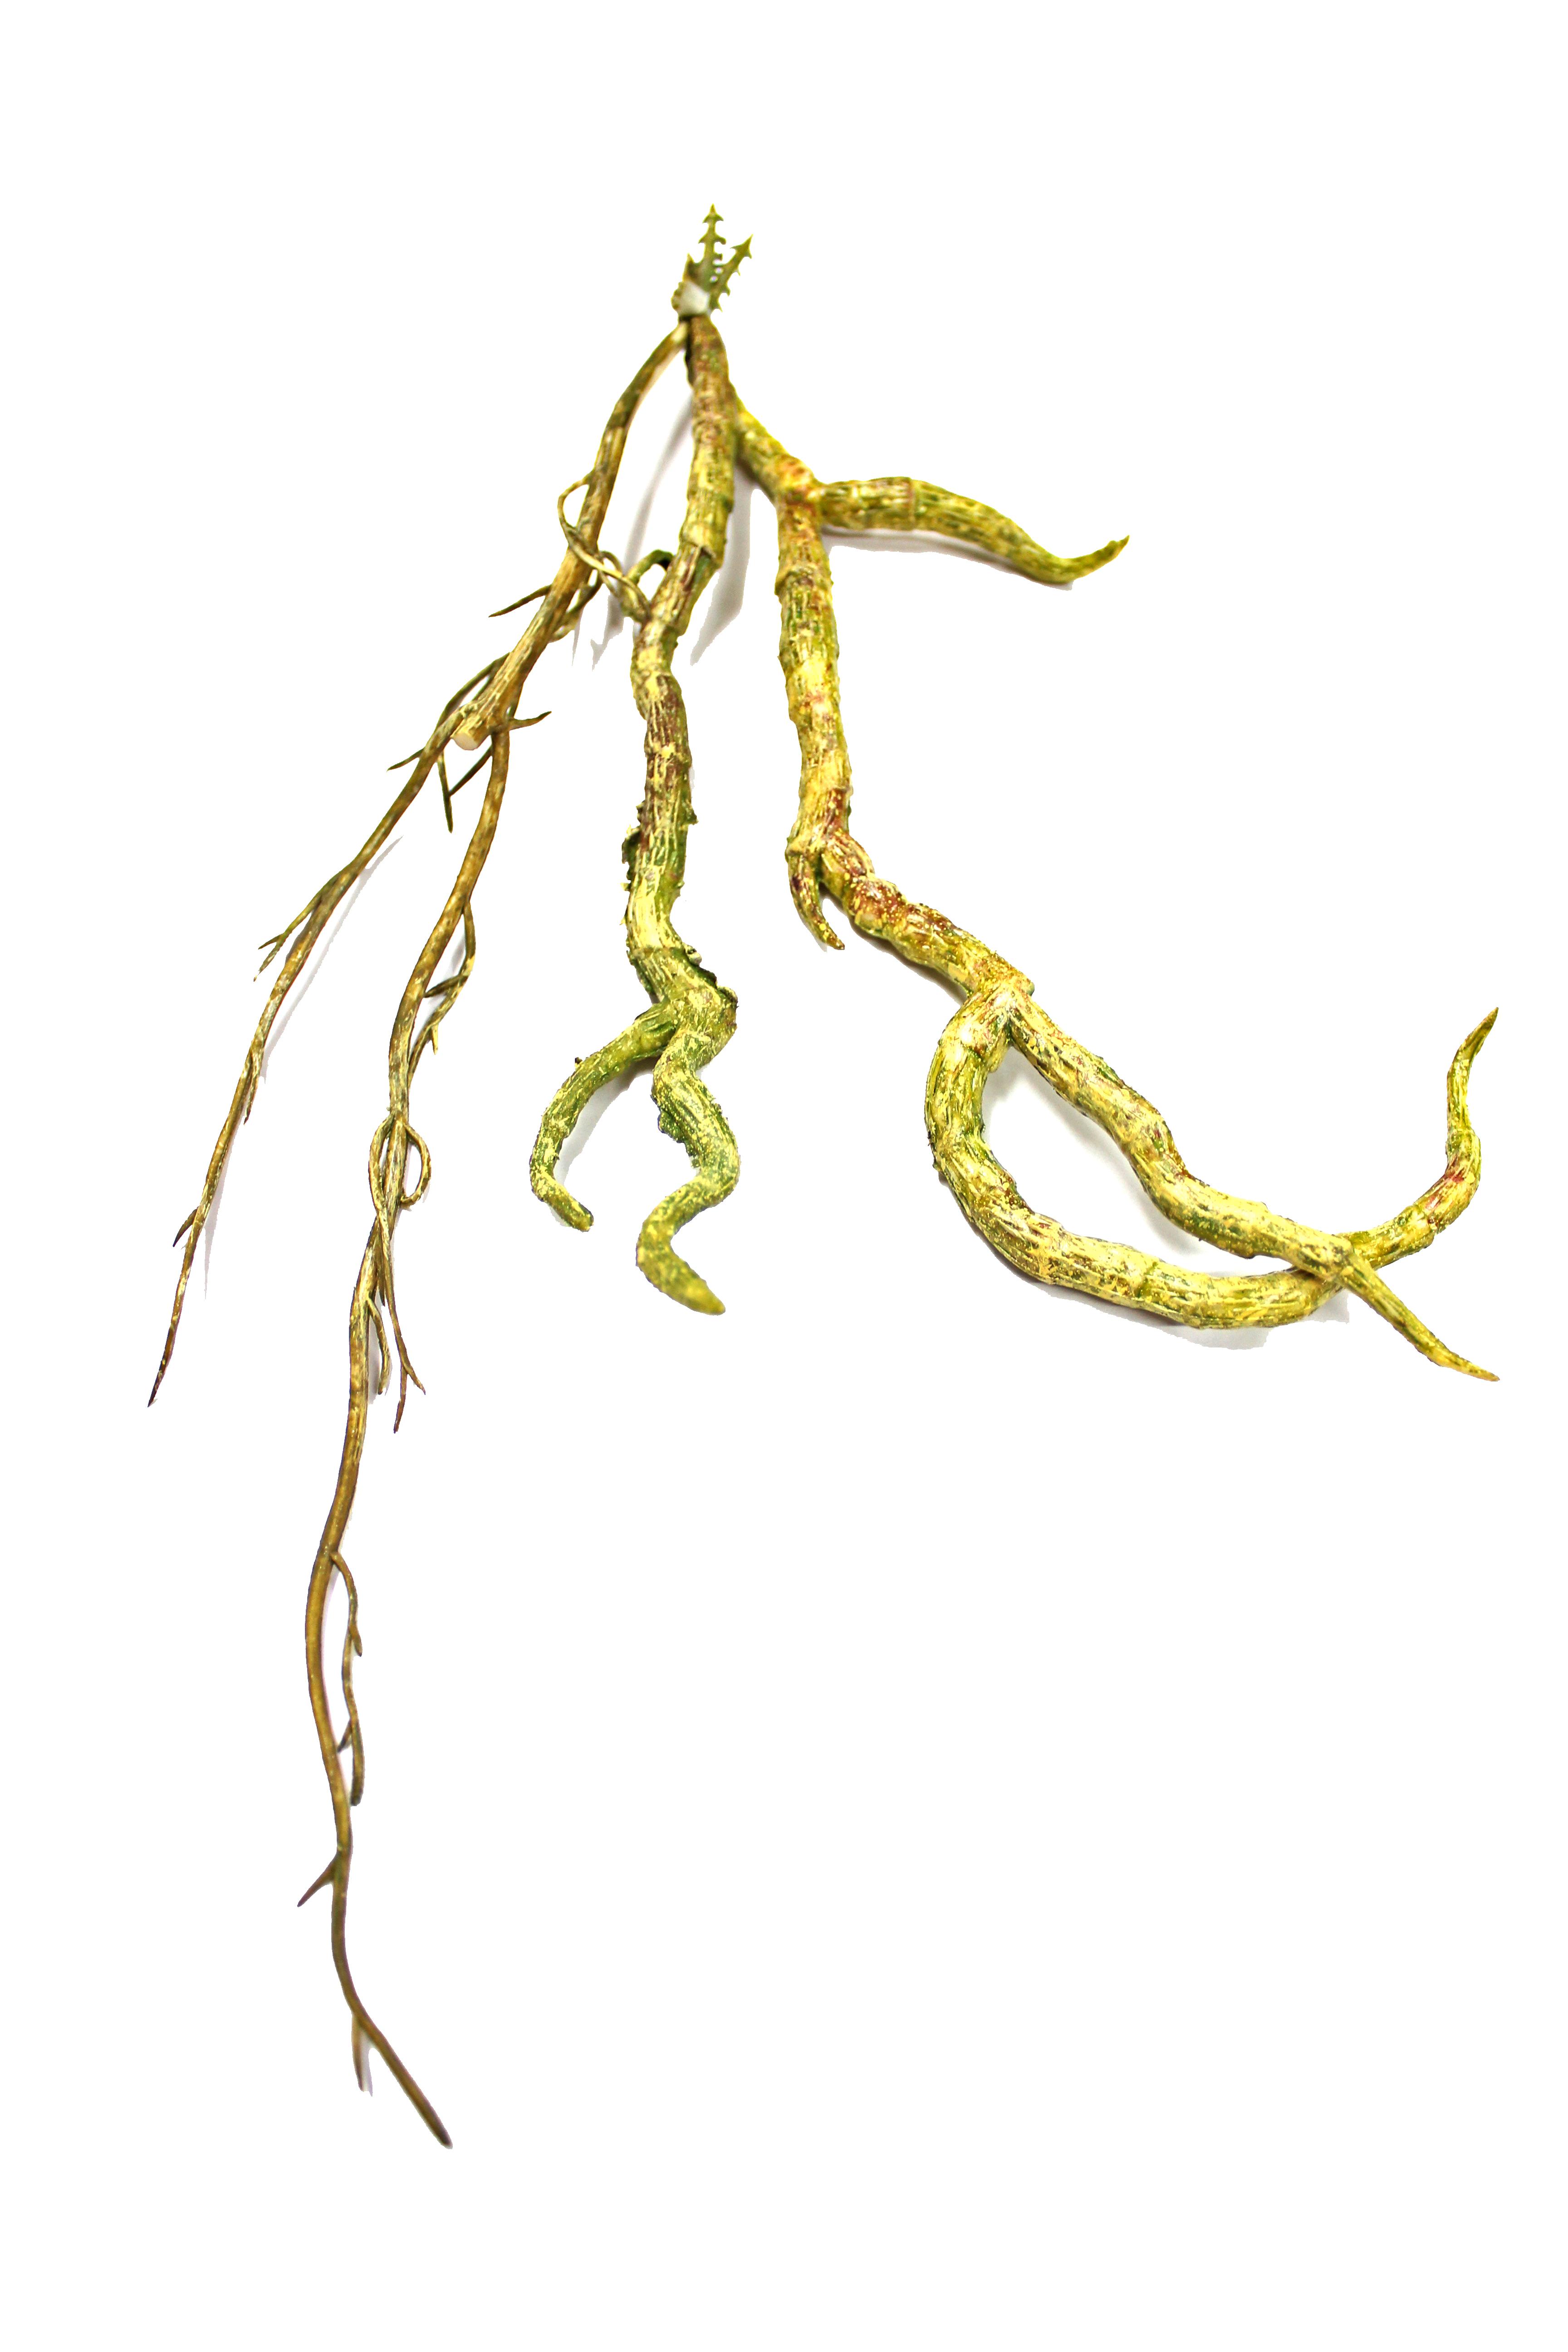 gumowany korzeń orchidei - dodatek do sztucznych roślin i aranżacji terrarium